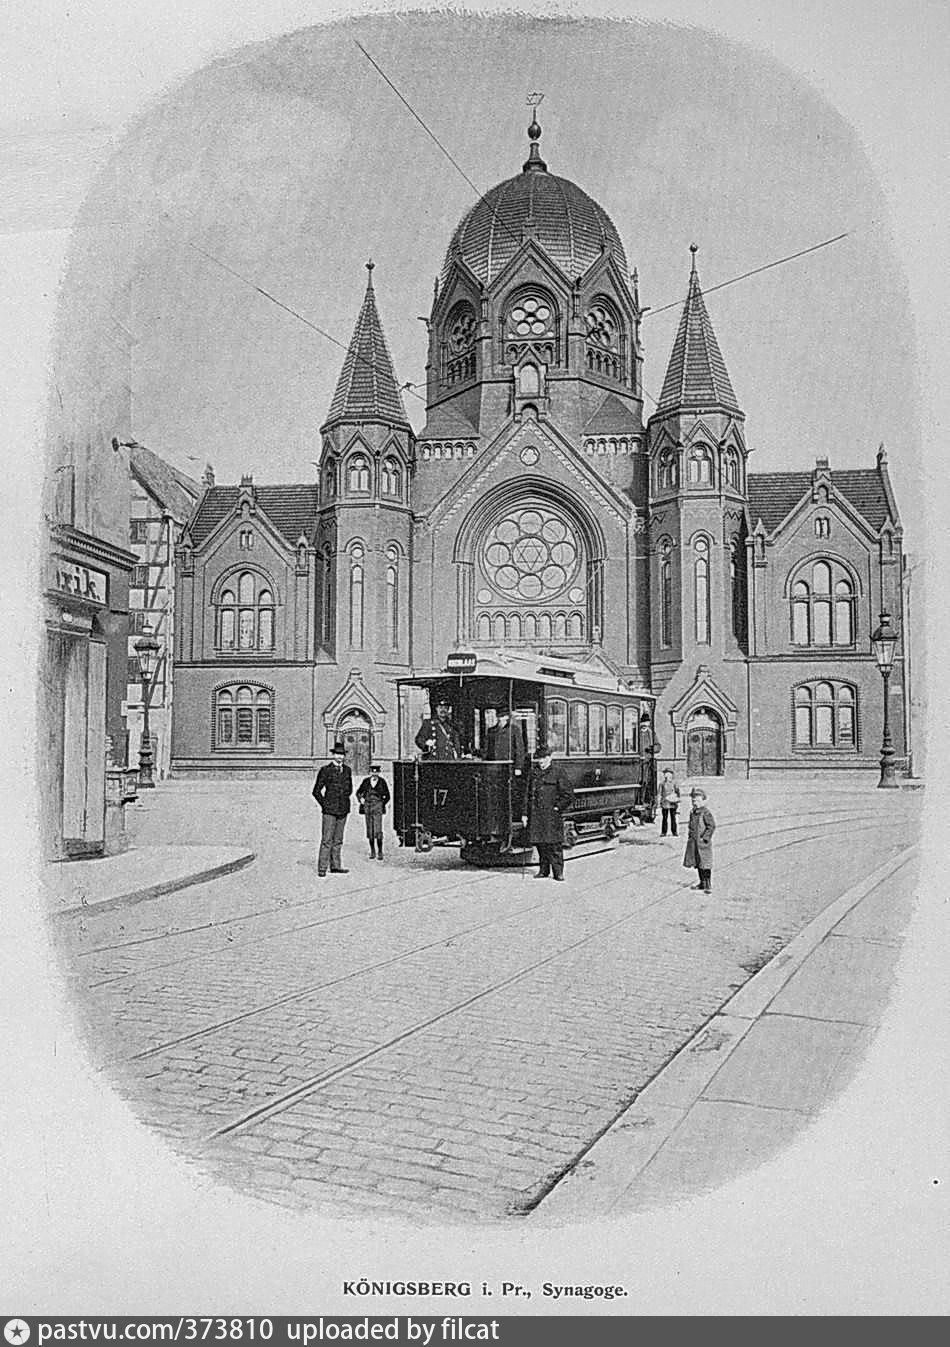 Открытки кенигсбергская синагога зимой, правильно сказано